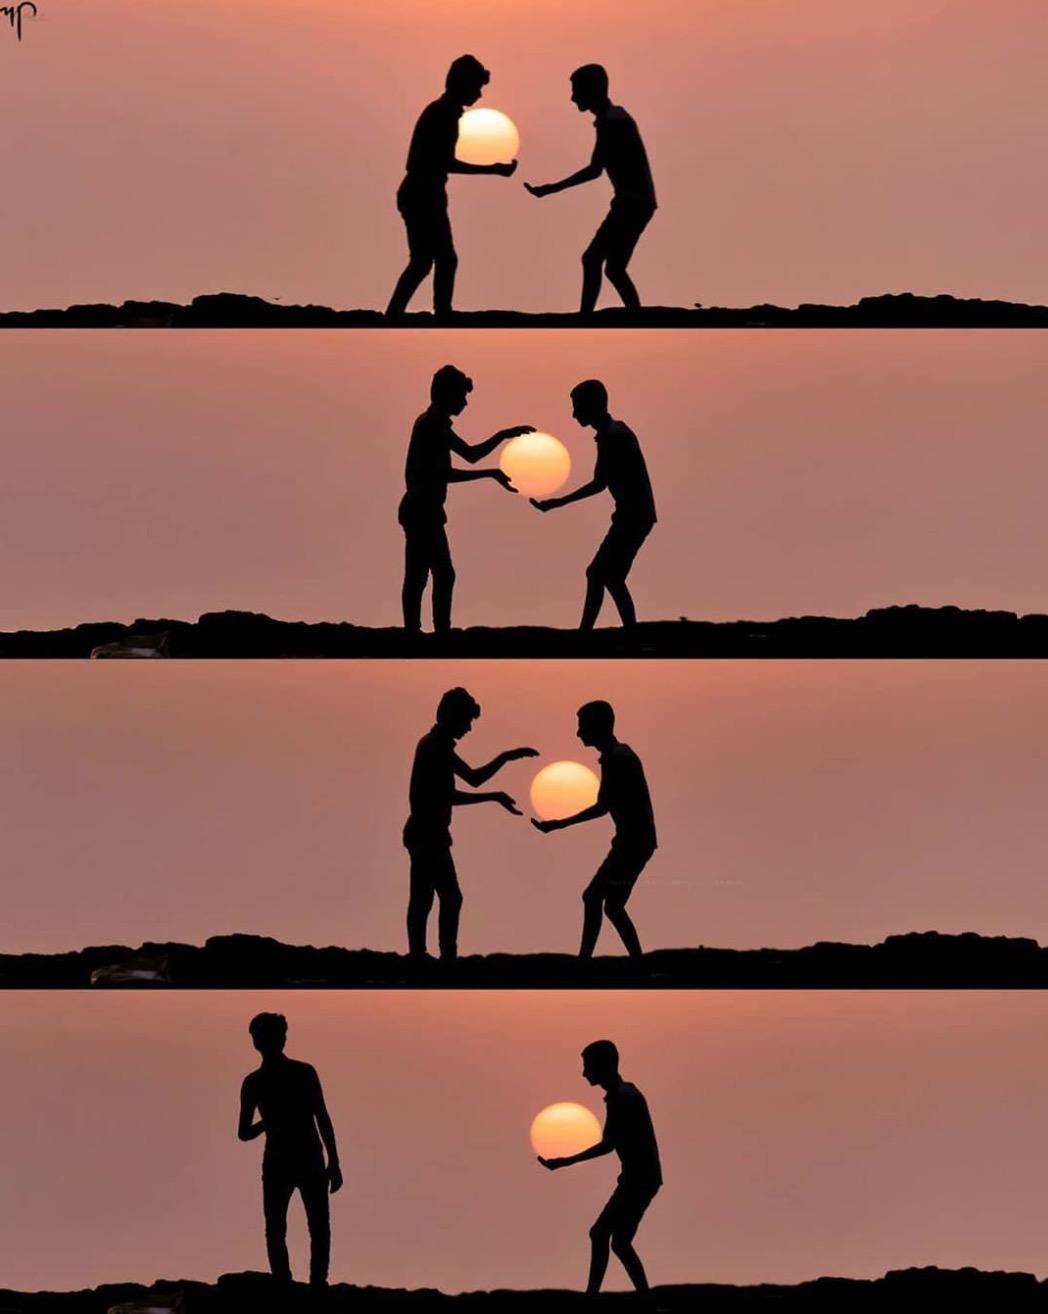 Der einfache Wunsch 'liebenswürdig mit allen zu sein'.